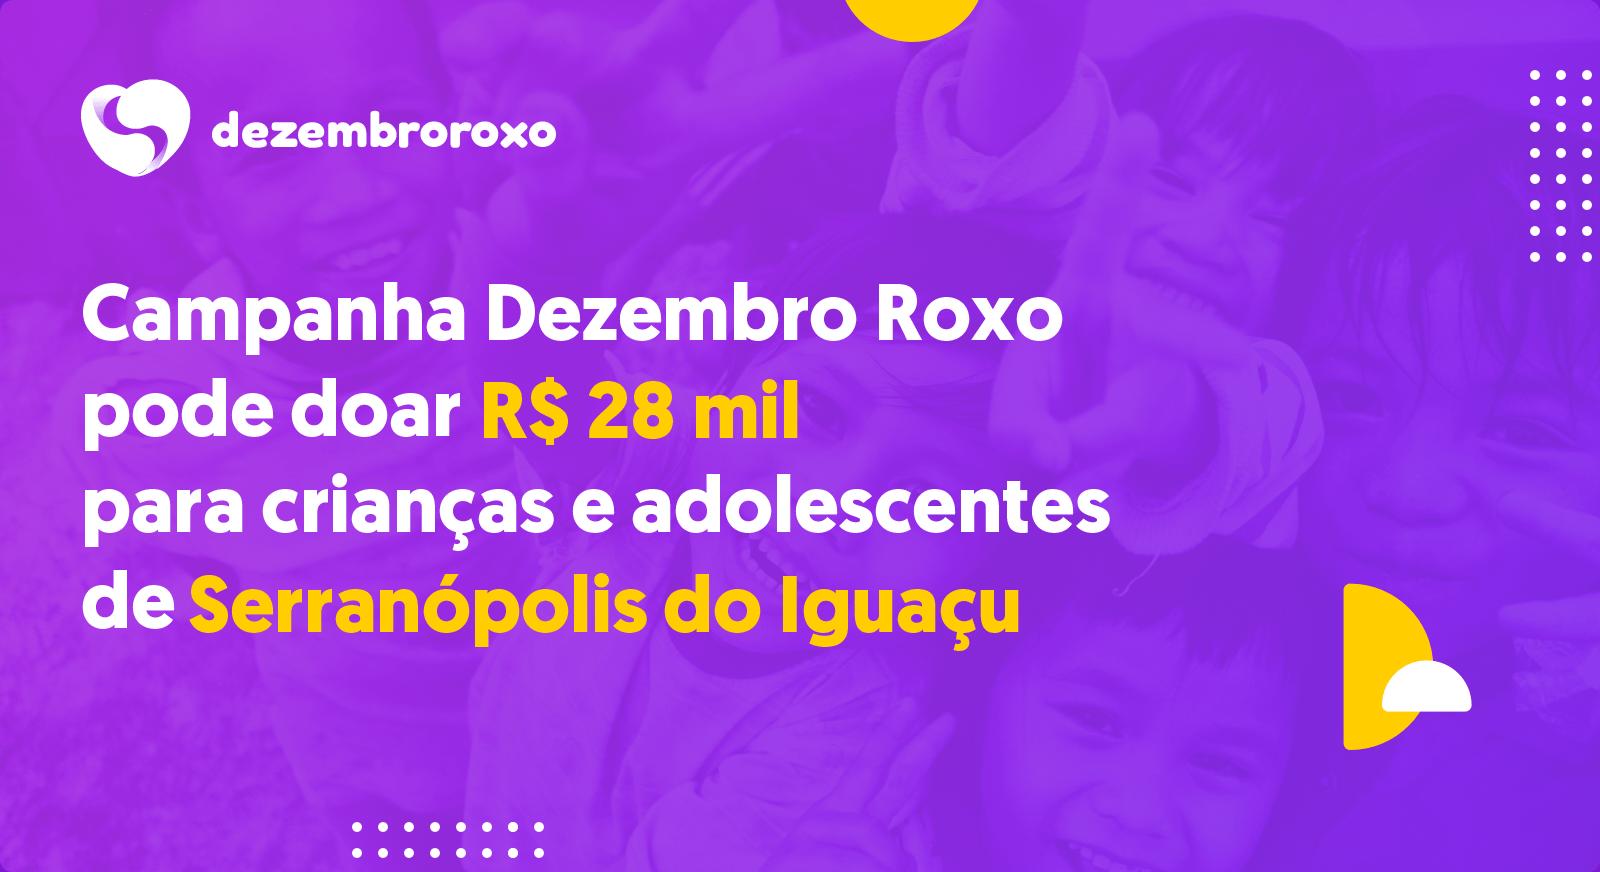 Doações em Serranópolis do Iguaçu - PR